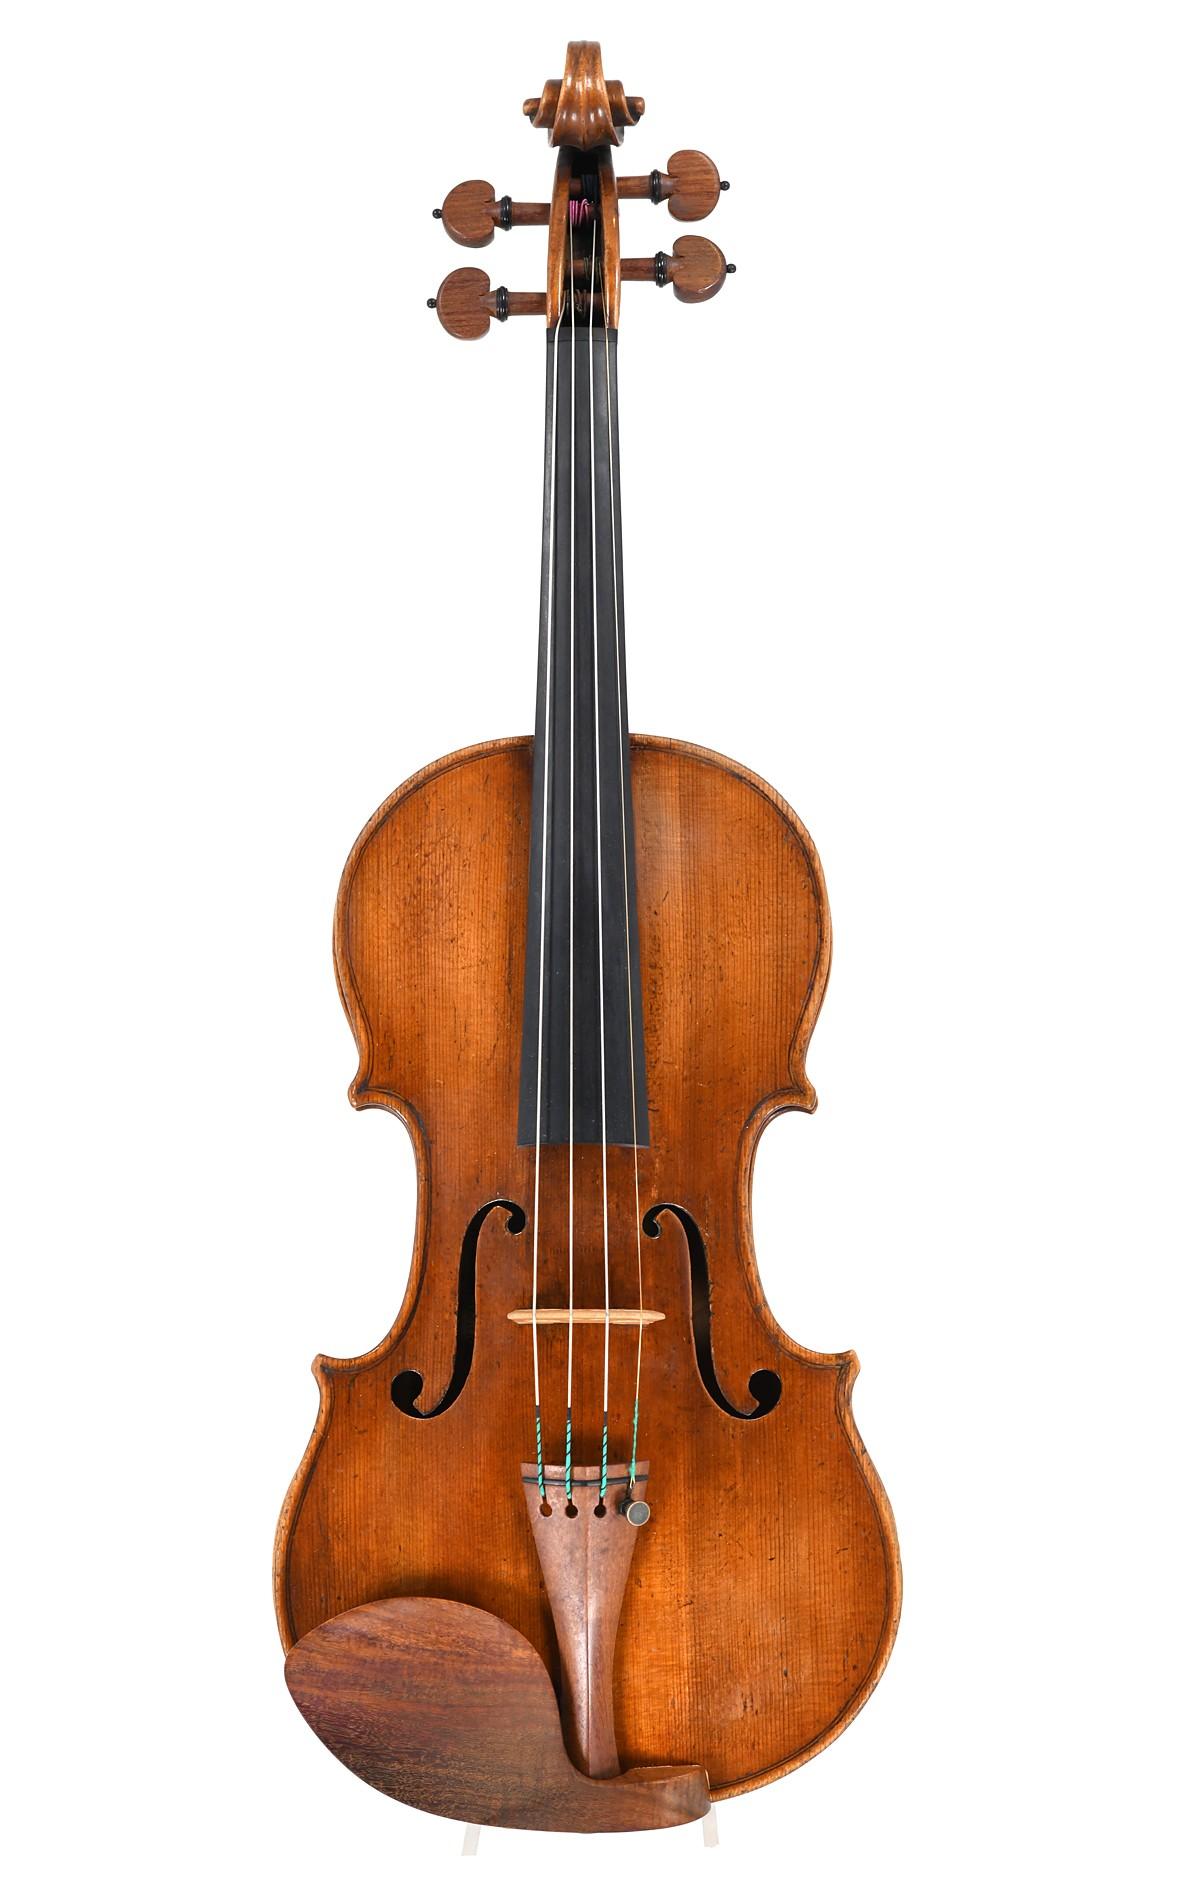 Fine violin by Nicolò Gagliano, 1762